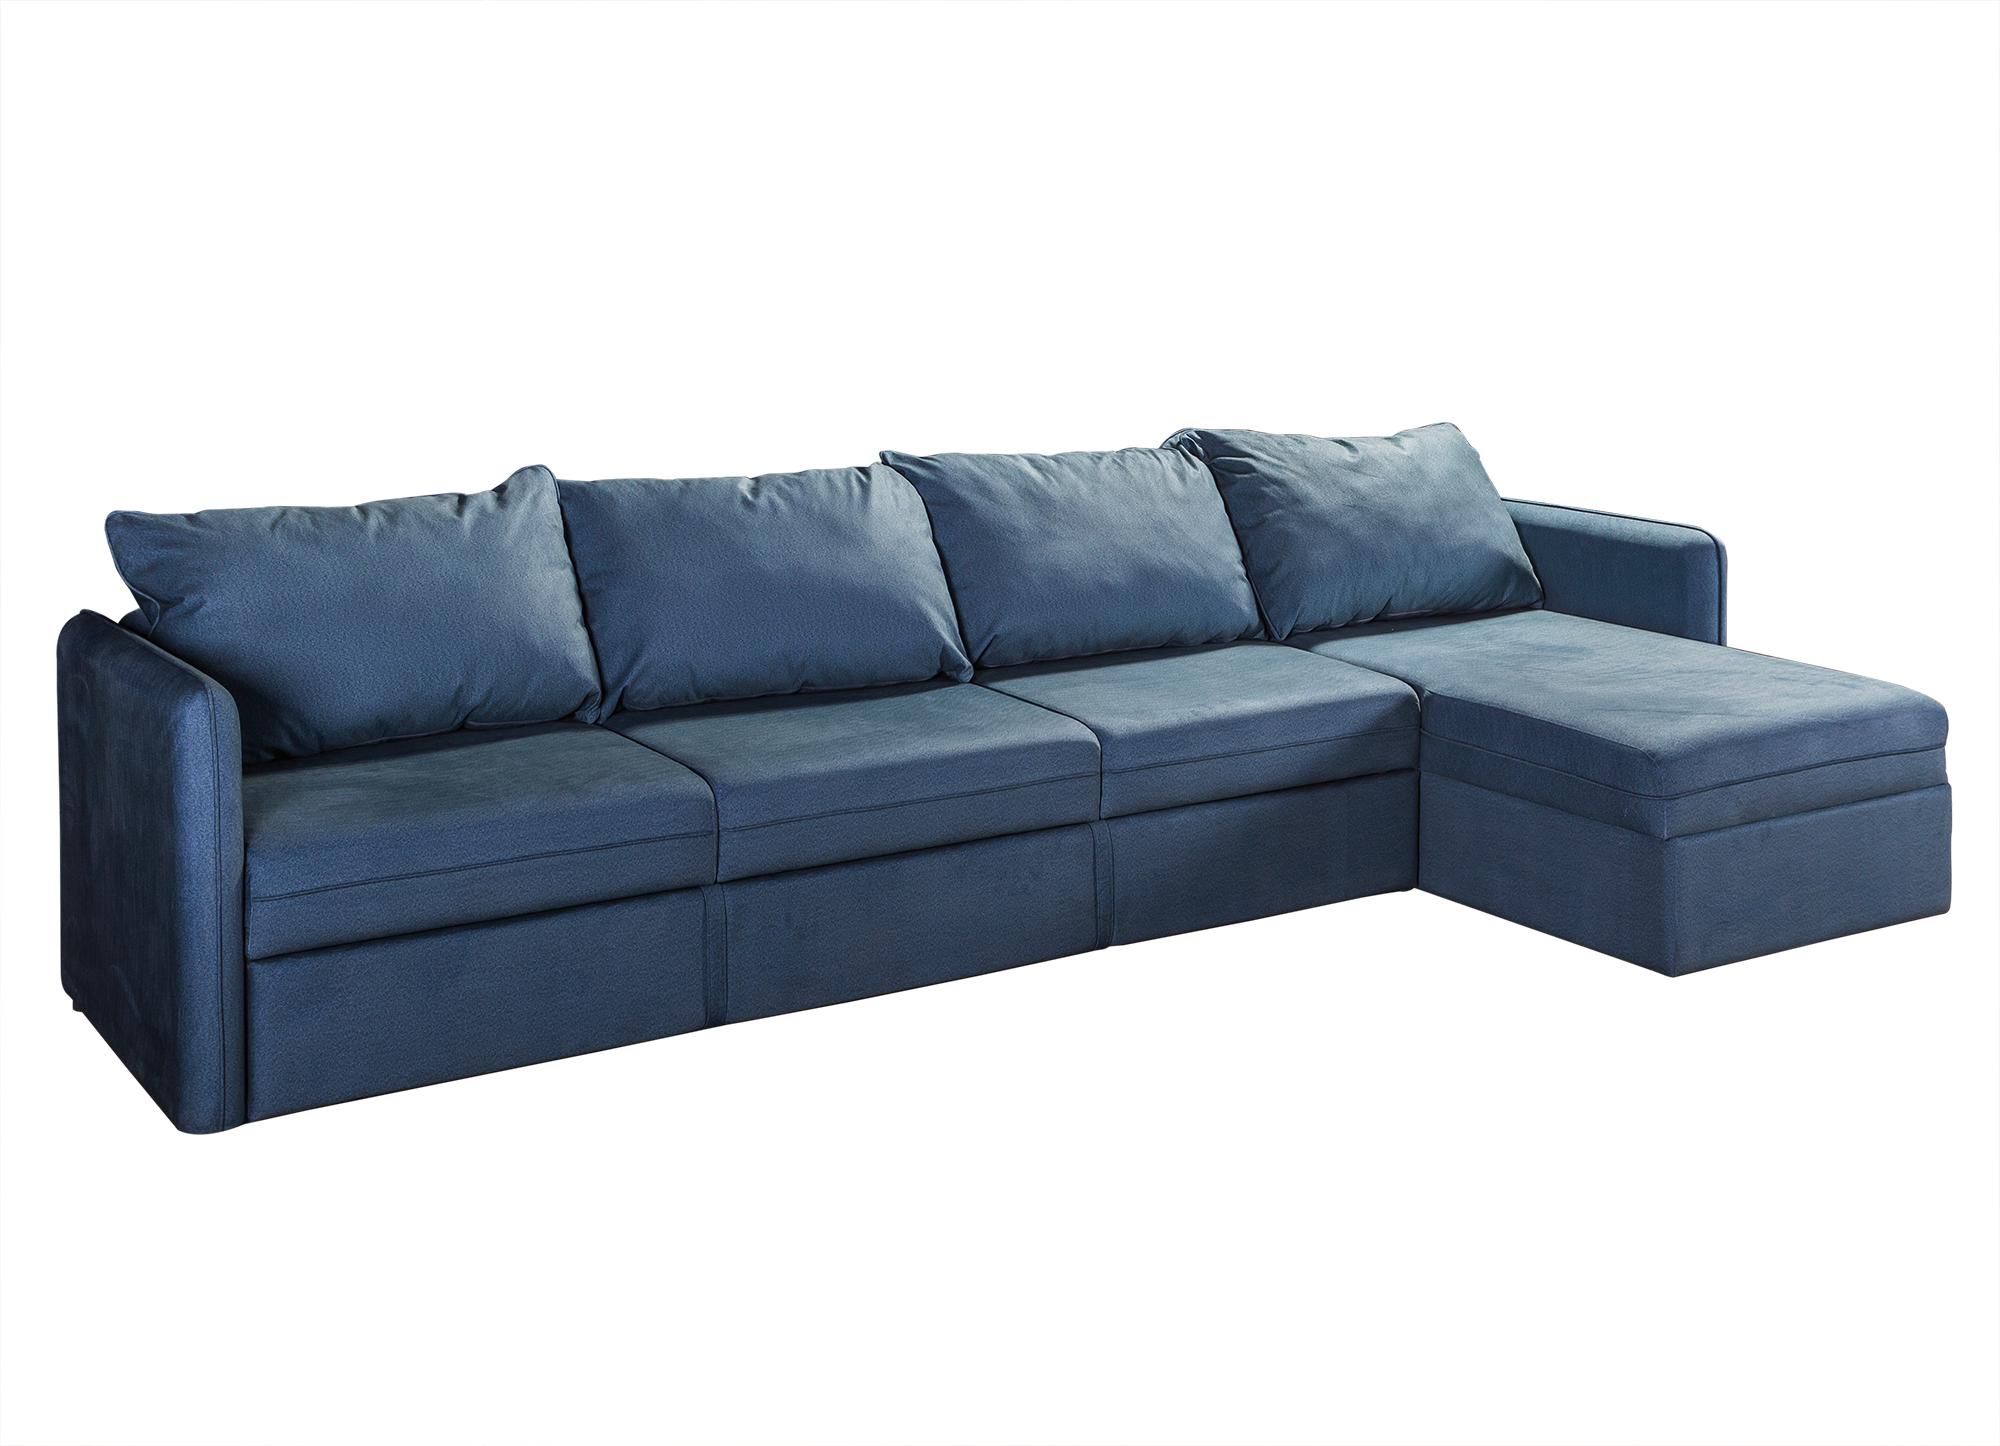 R-home диван угловой джордан синий 139690/8